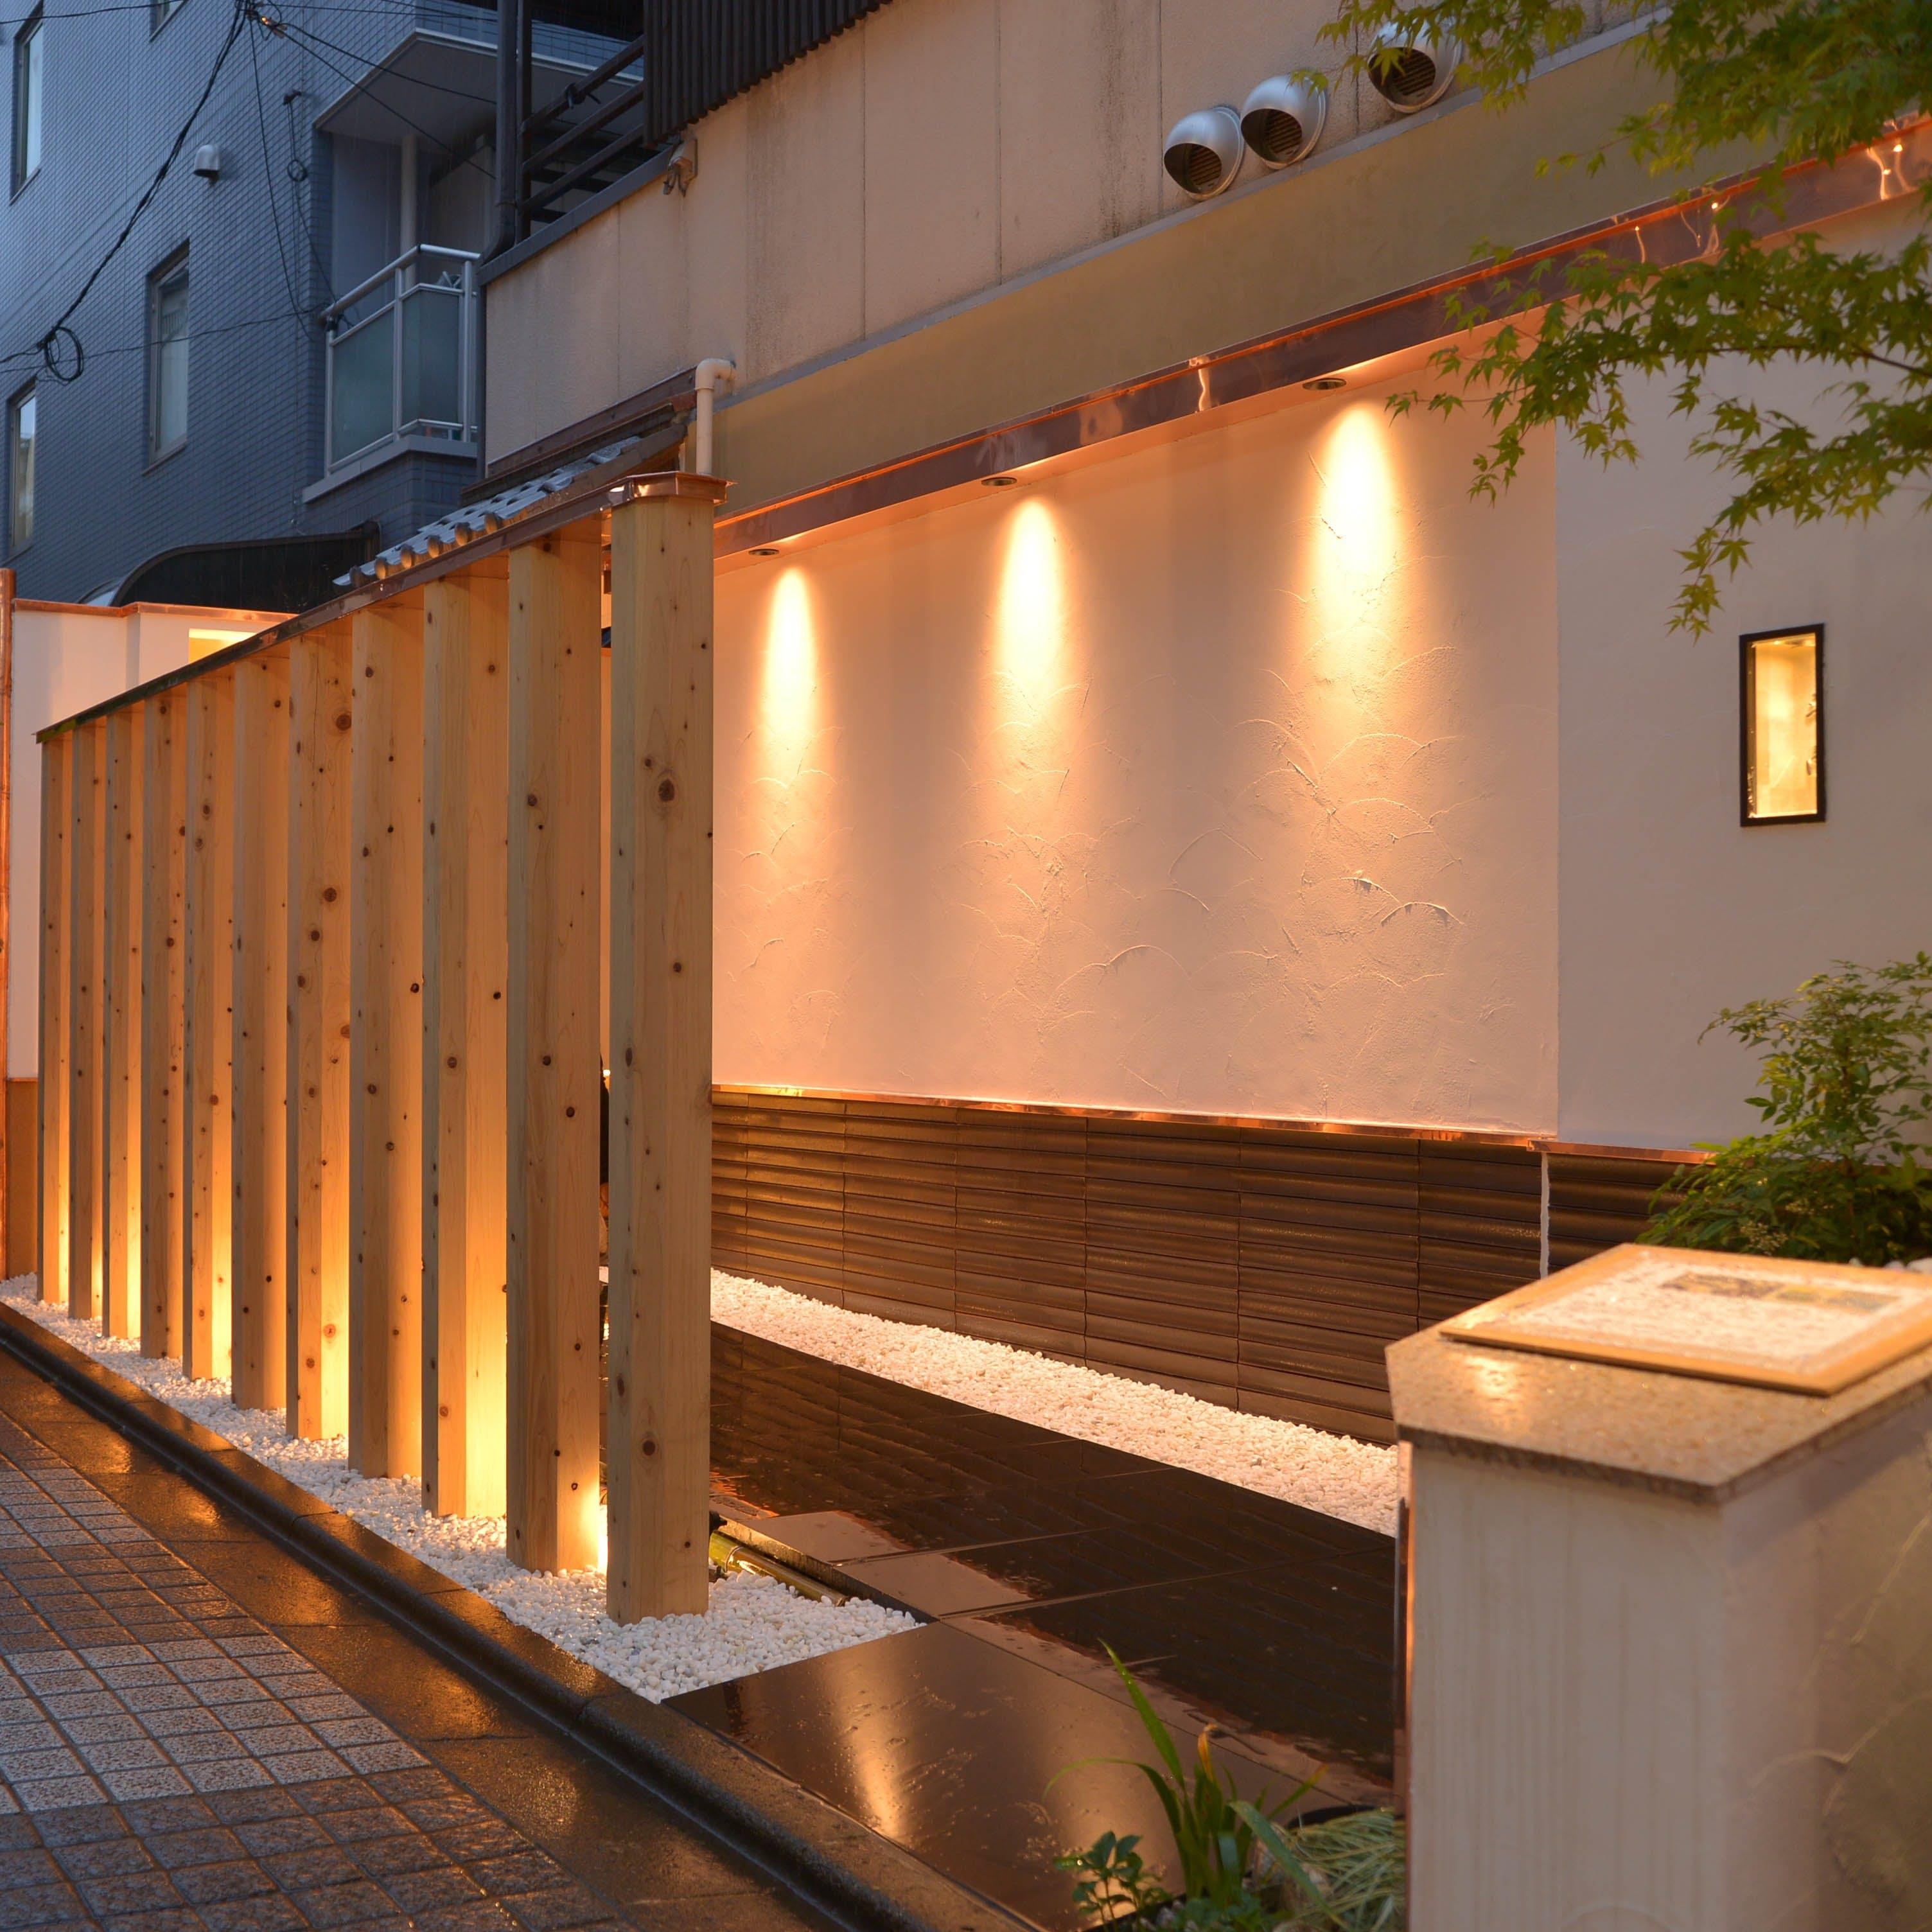 神楽坂の風情ある街並みに佇む日本料理店